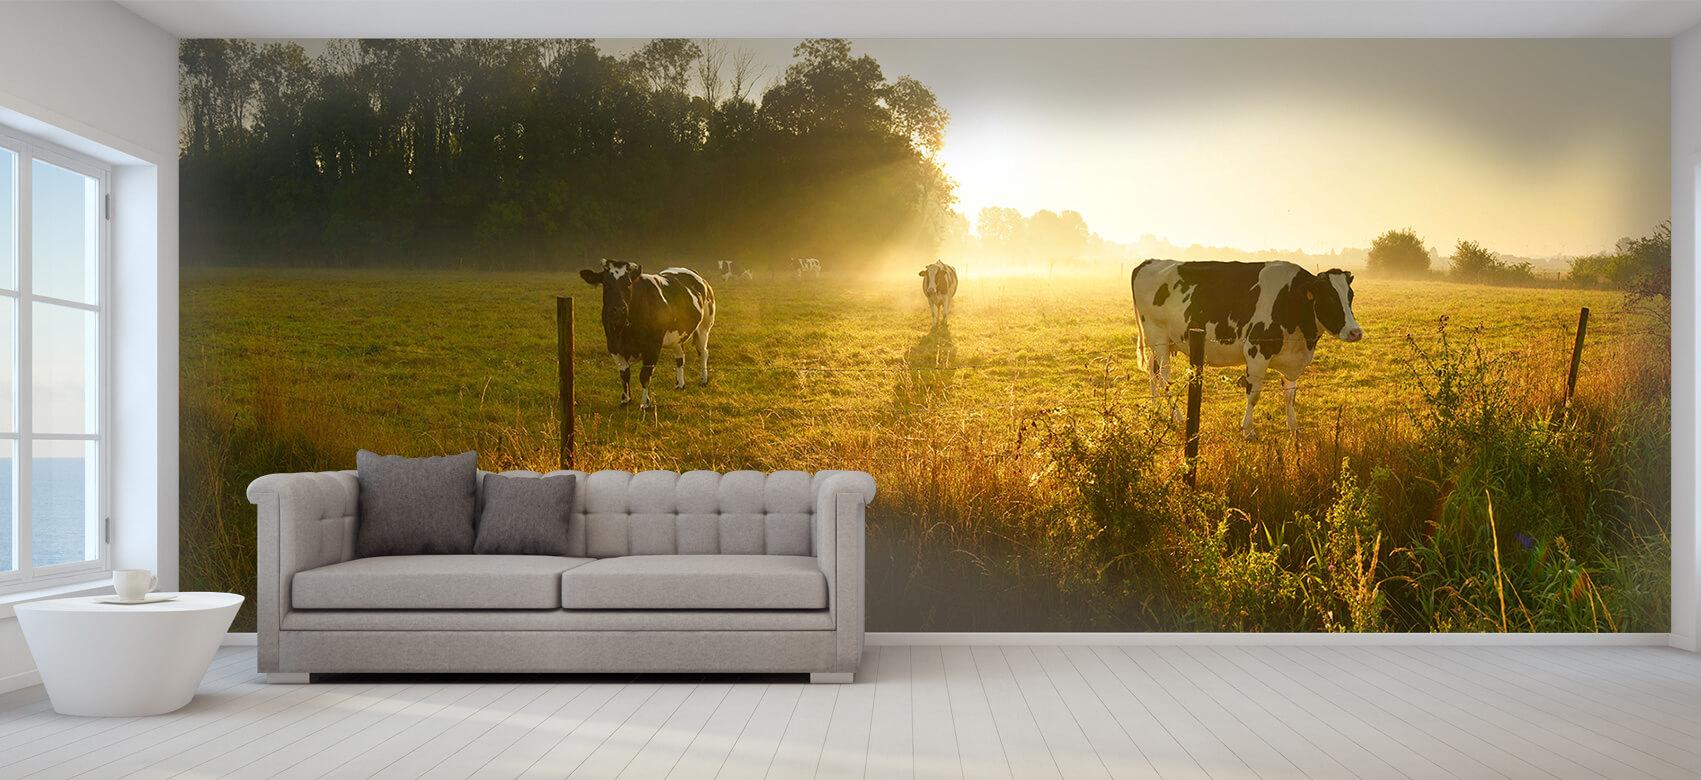 Dieren Koe tijdens zonsopkomst 8